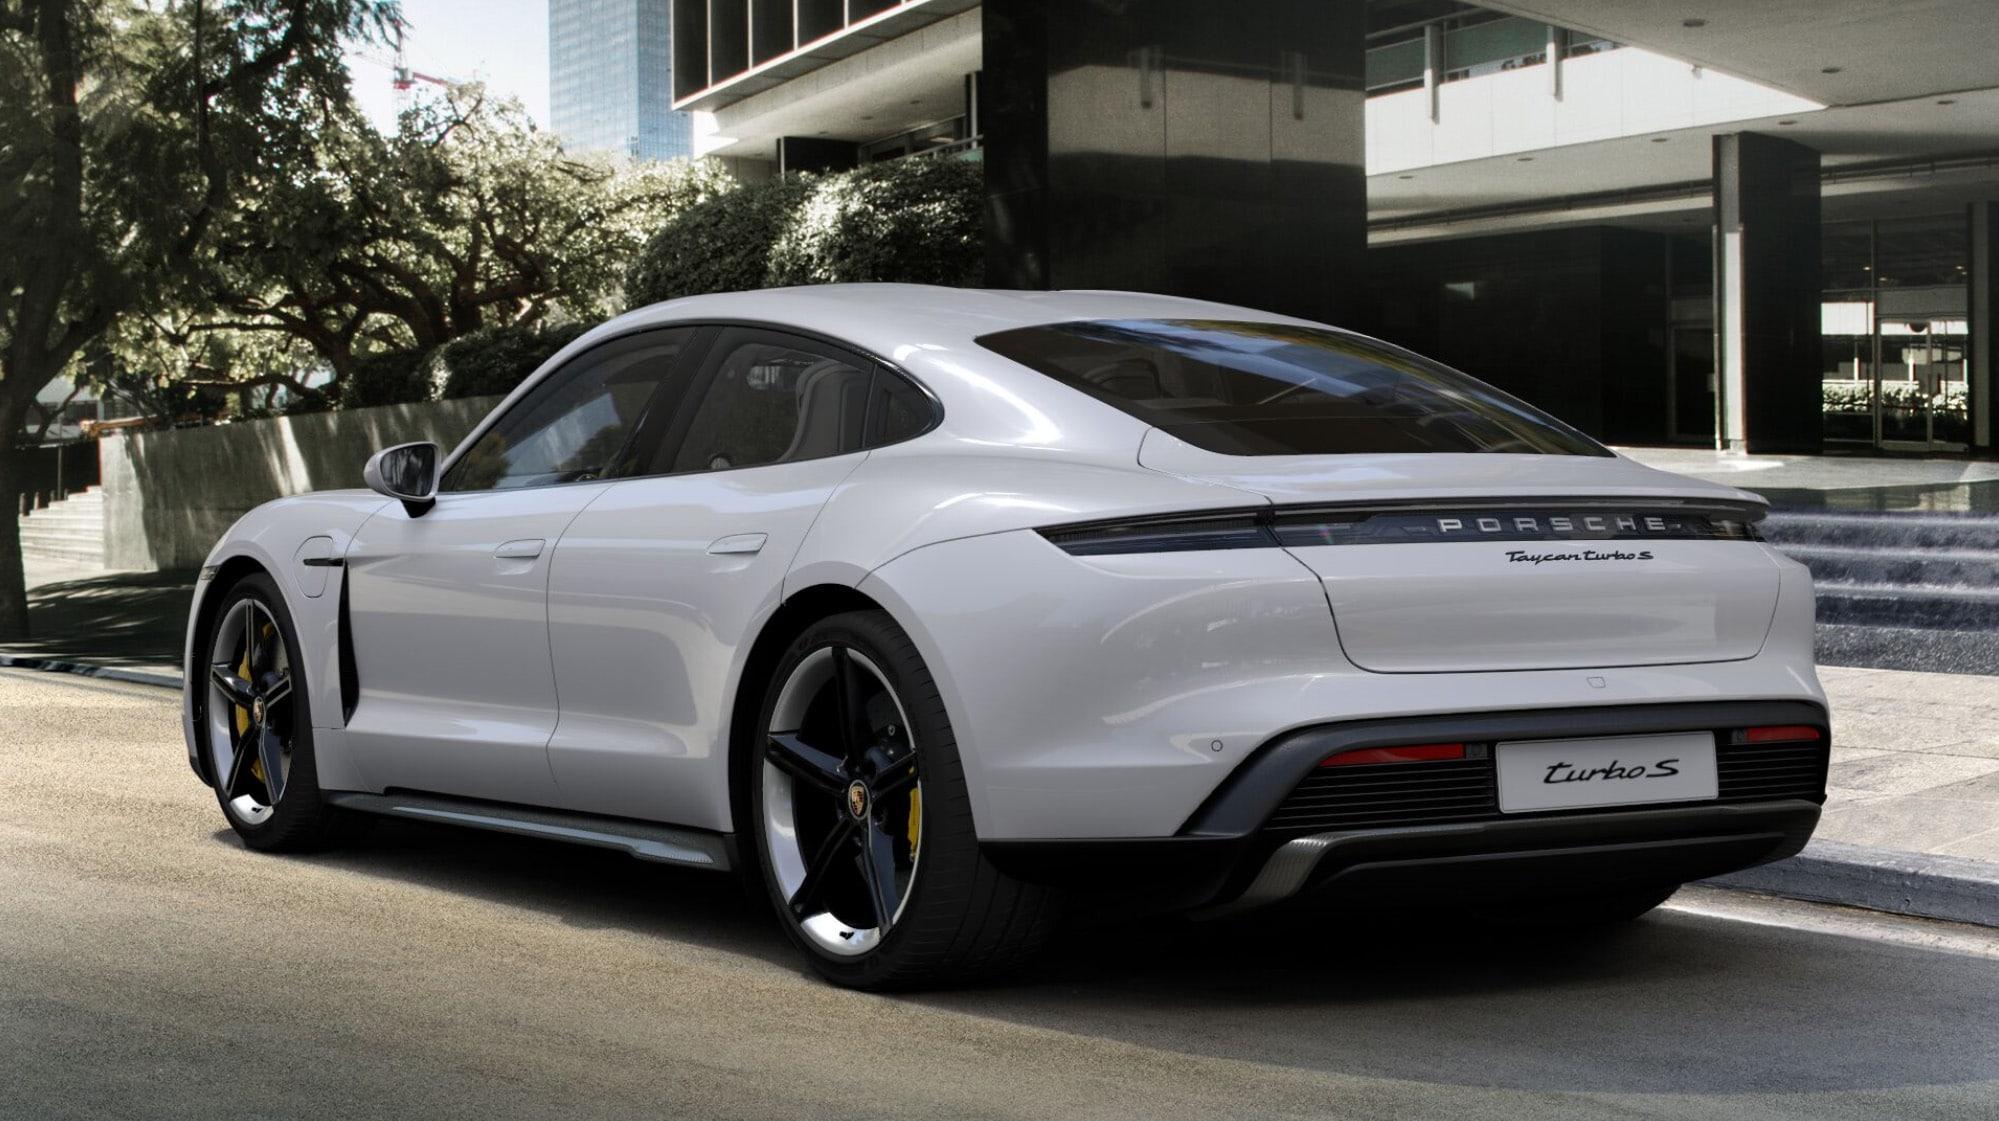 Porsche in Courchevel